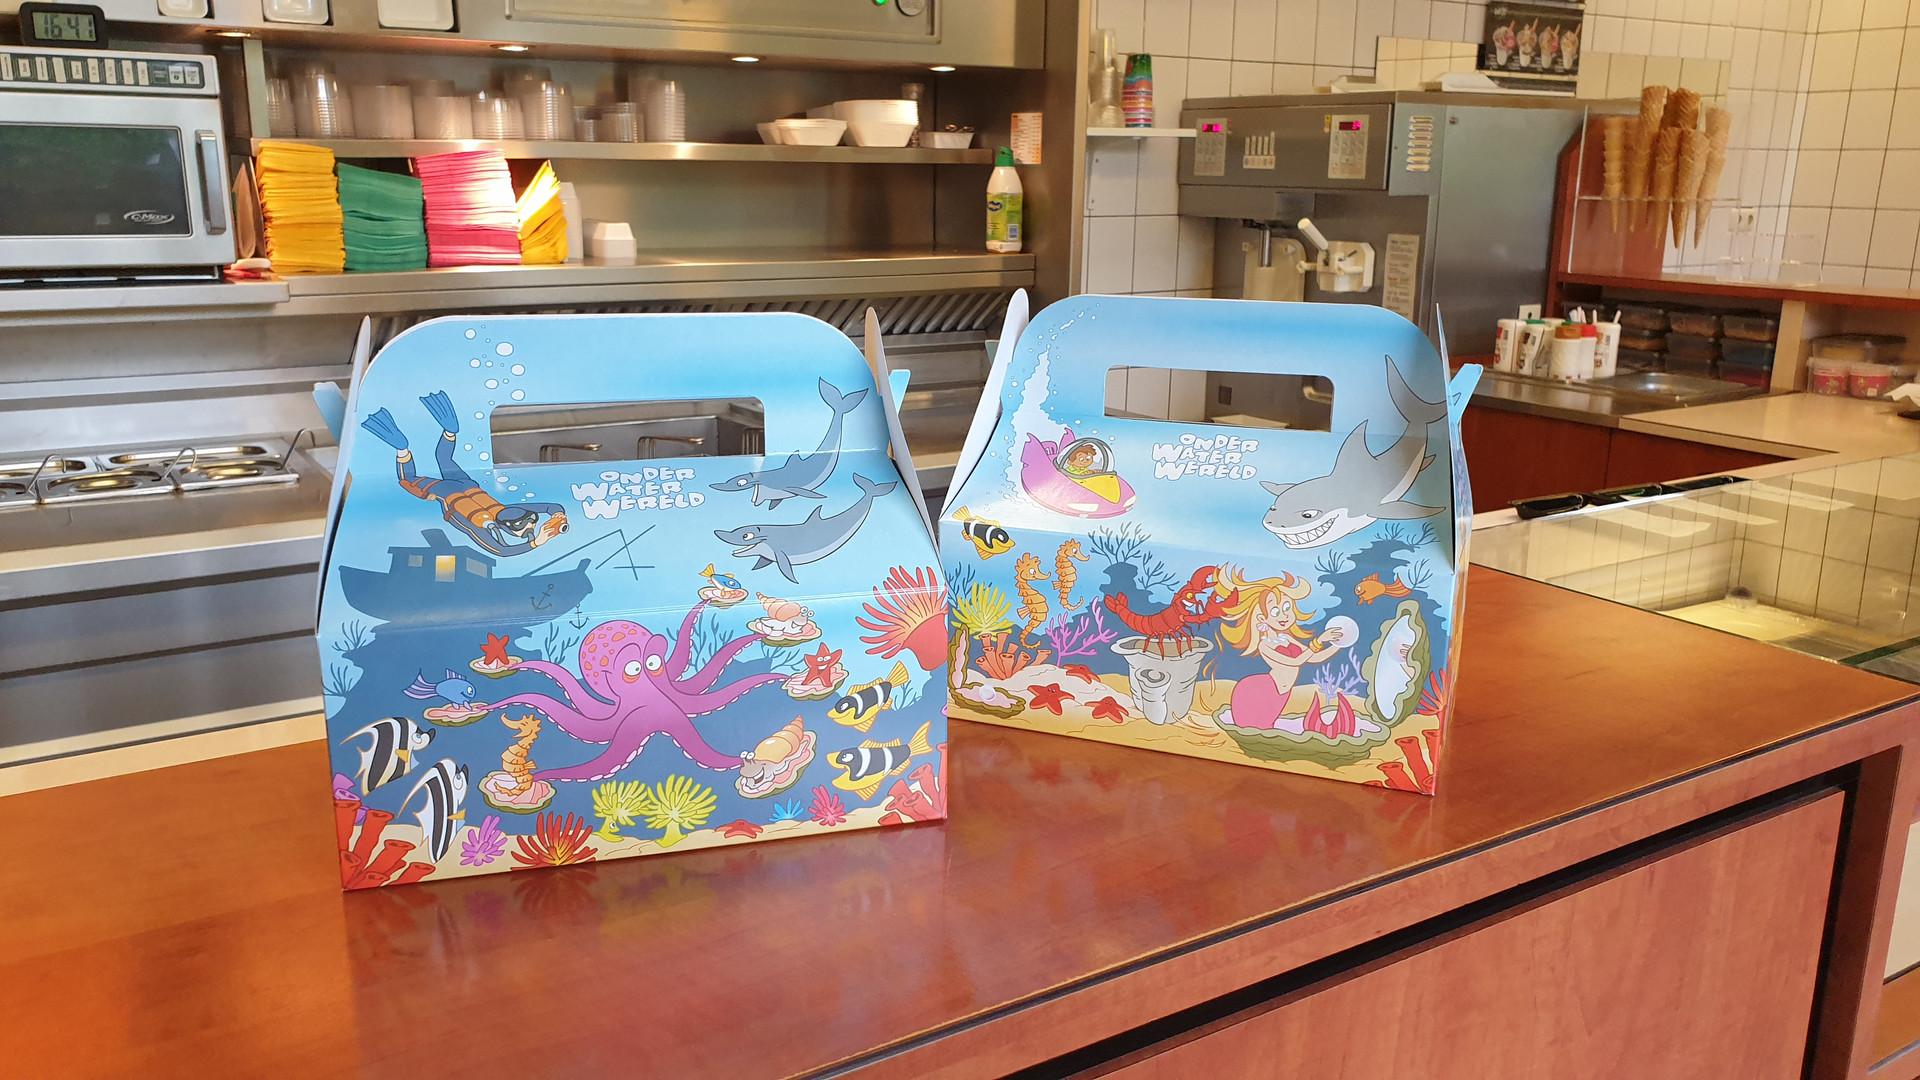 Buulke Budel Kidsboxen vor de kinderen